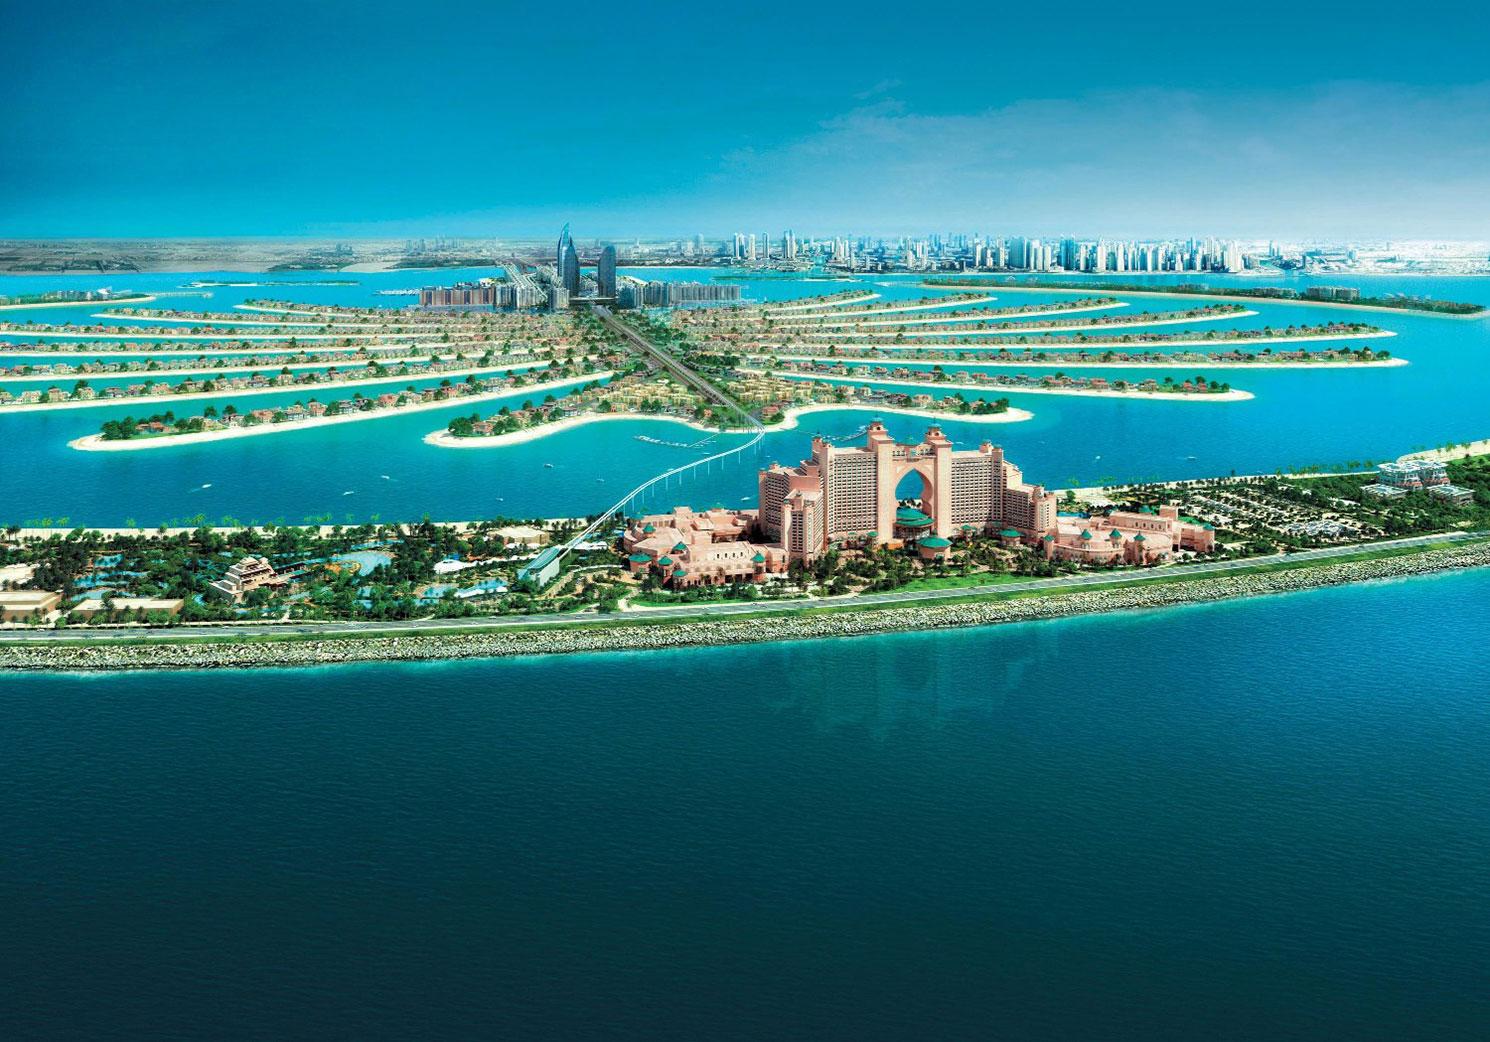 Les Emirats Arabes Unis et sa capitale économique Dubaï font partie des 17 juridictions de la liste Moscovici